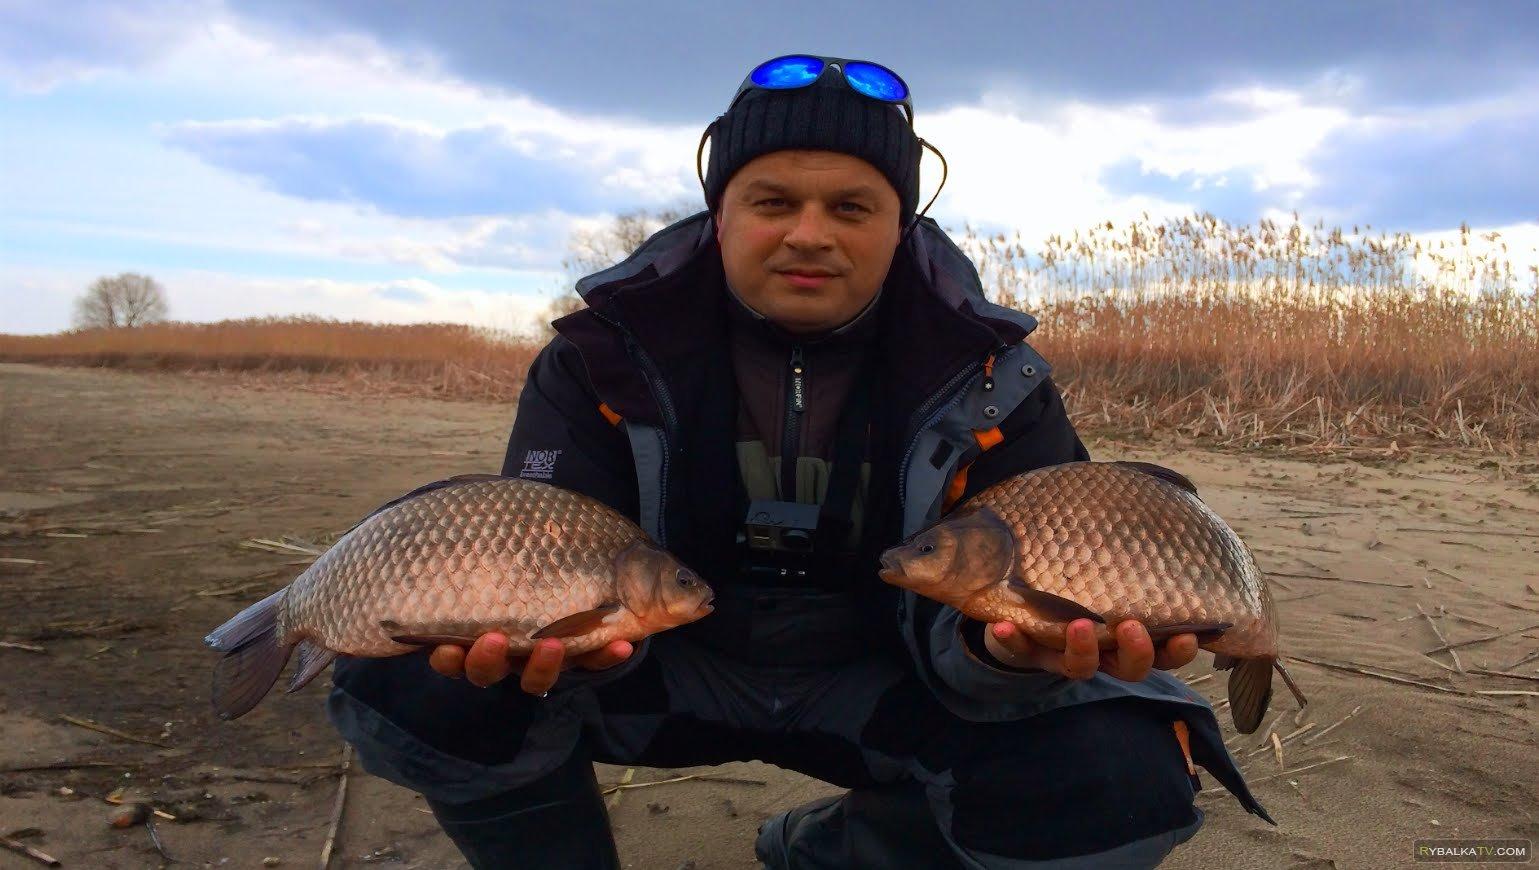 Клуб рыбаков. Ловля огромных карасей на силикон. Днепр 2015